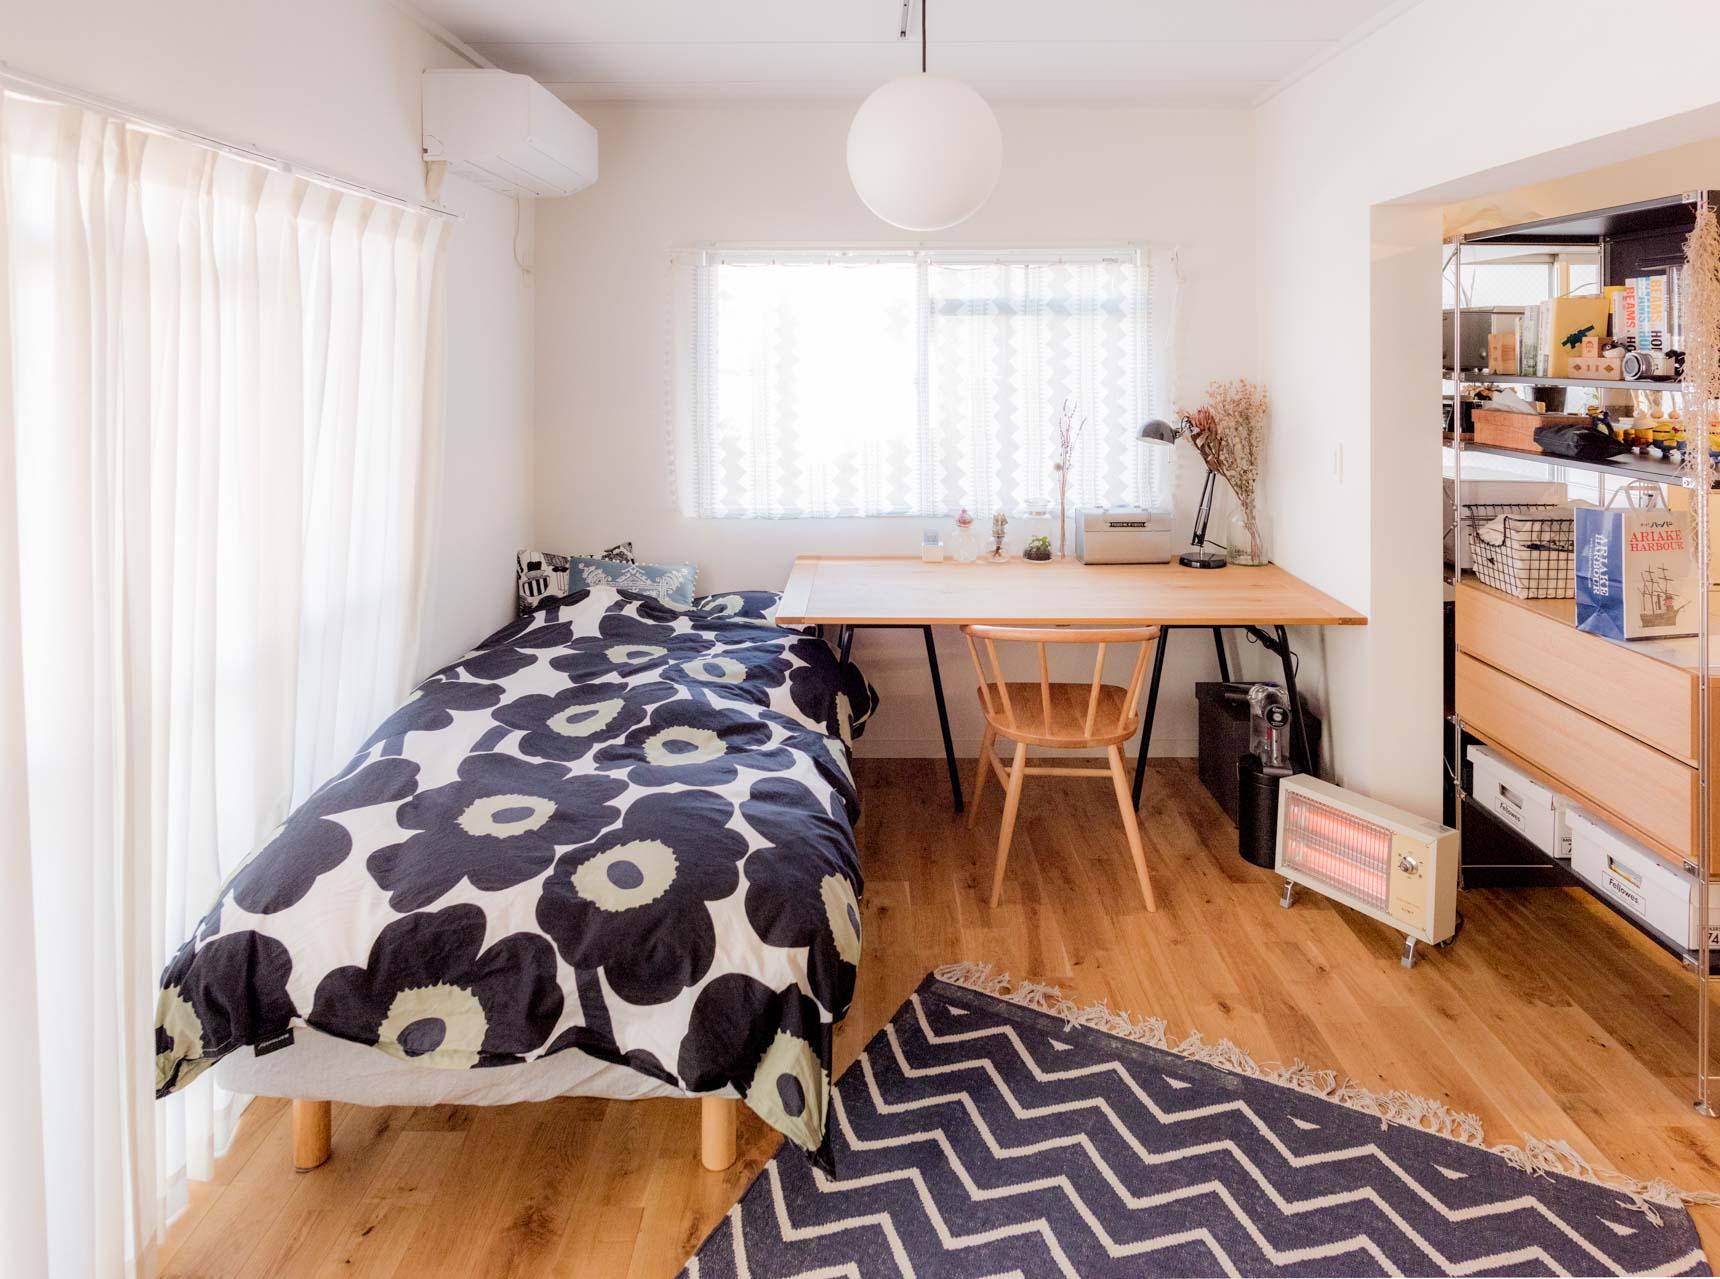 前の部屋はせまくて床座だったという。「生活の全部が床だとON/OFFがうまく作れなくて」。大きなデスクが置ける部屋が絶対条件だったのはそのためだそうだ。なるほど。